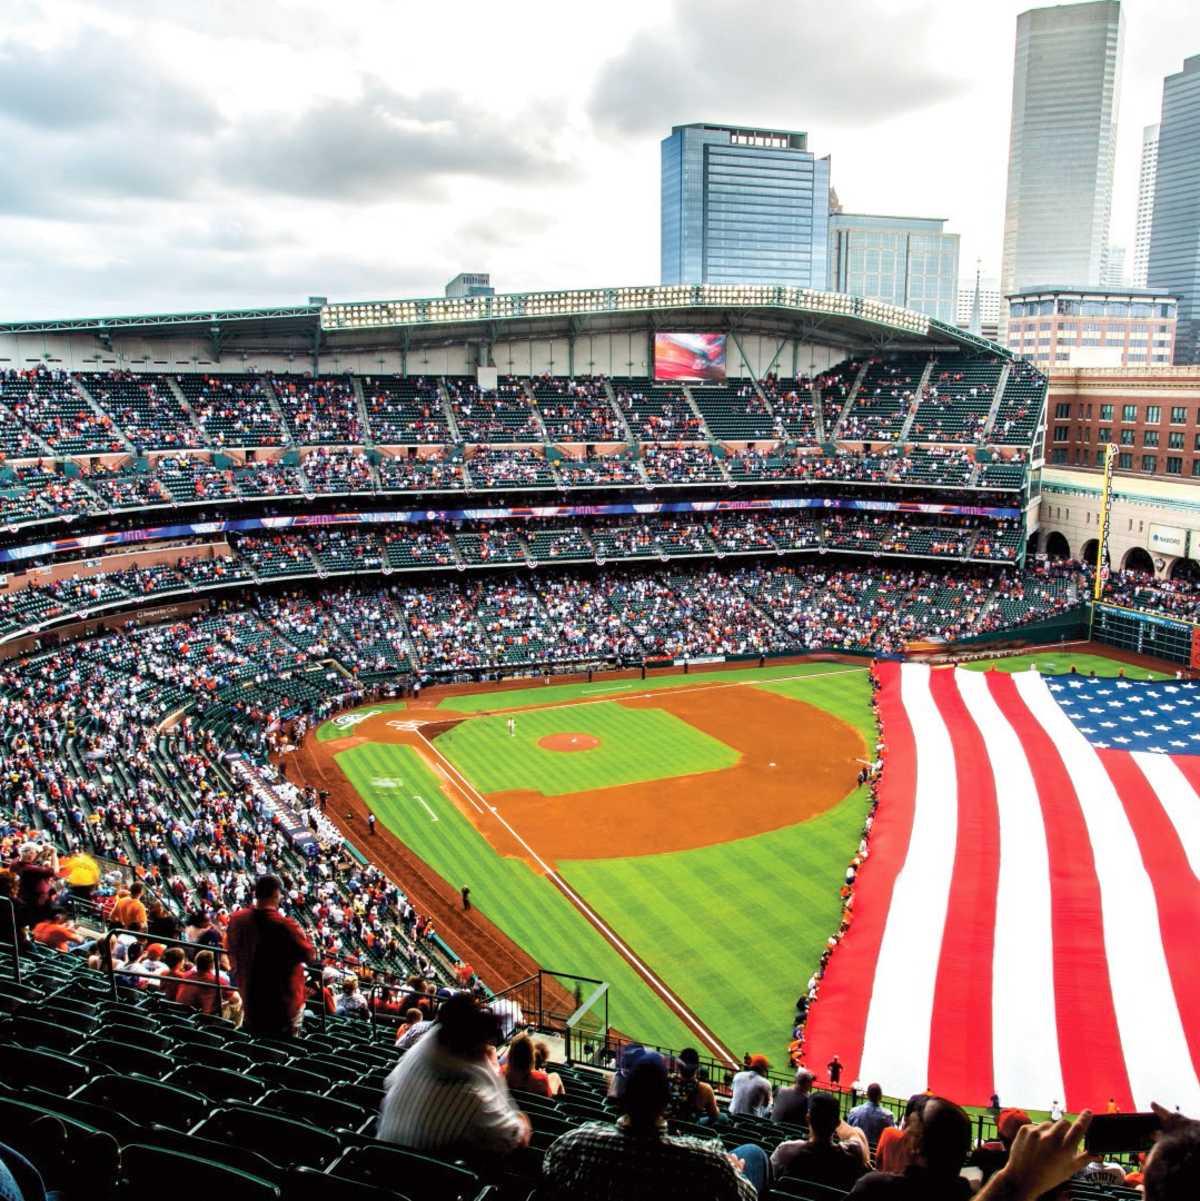 Impressionen des Minute Maid Park Baseballstadions in Houston im US-Bundesstaat Texas